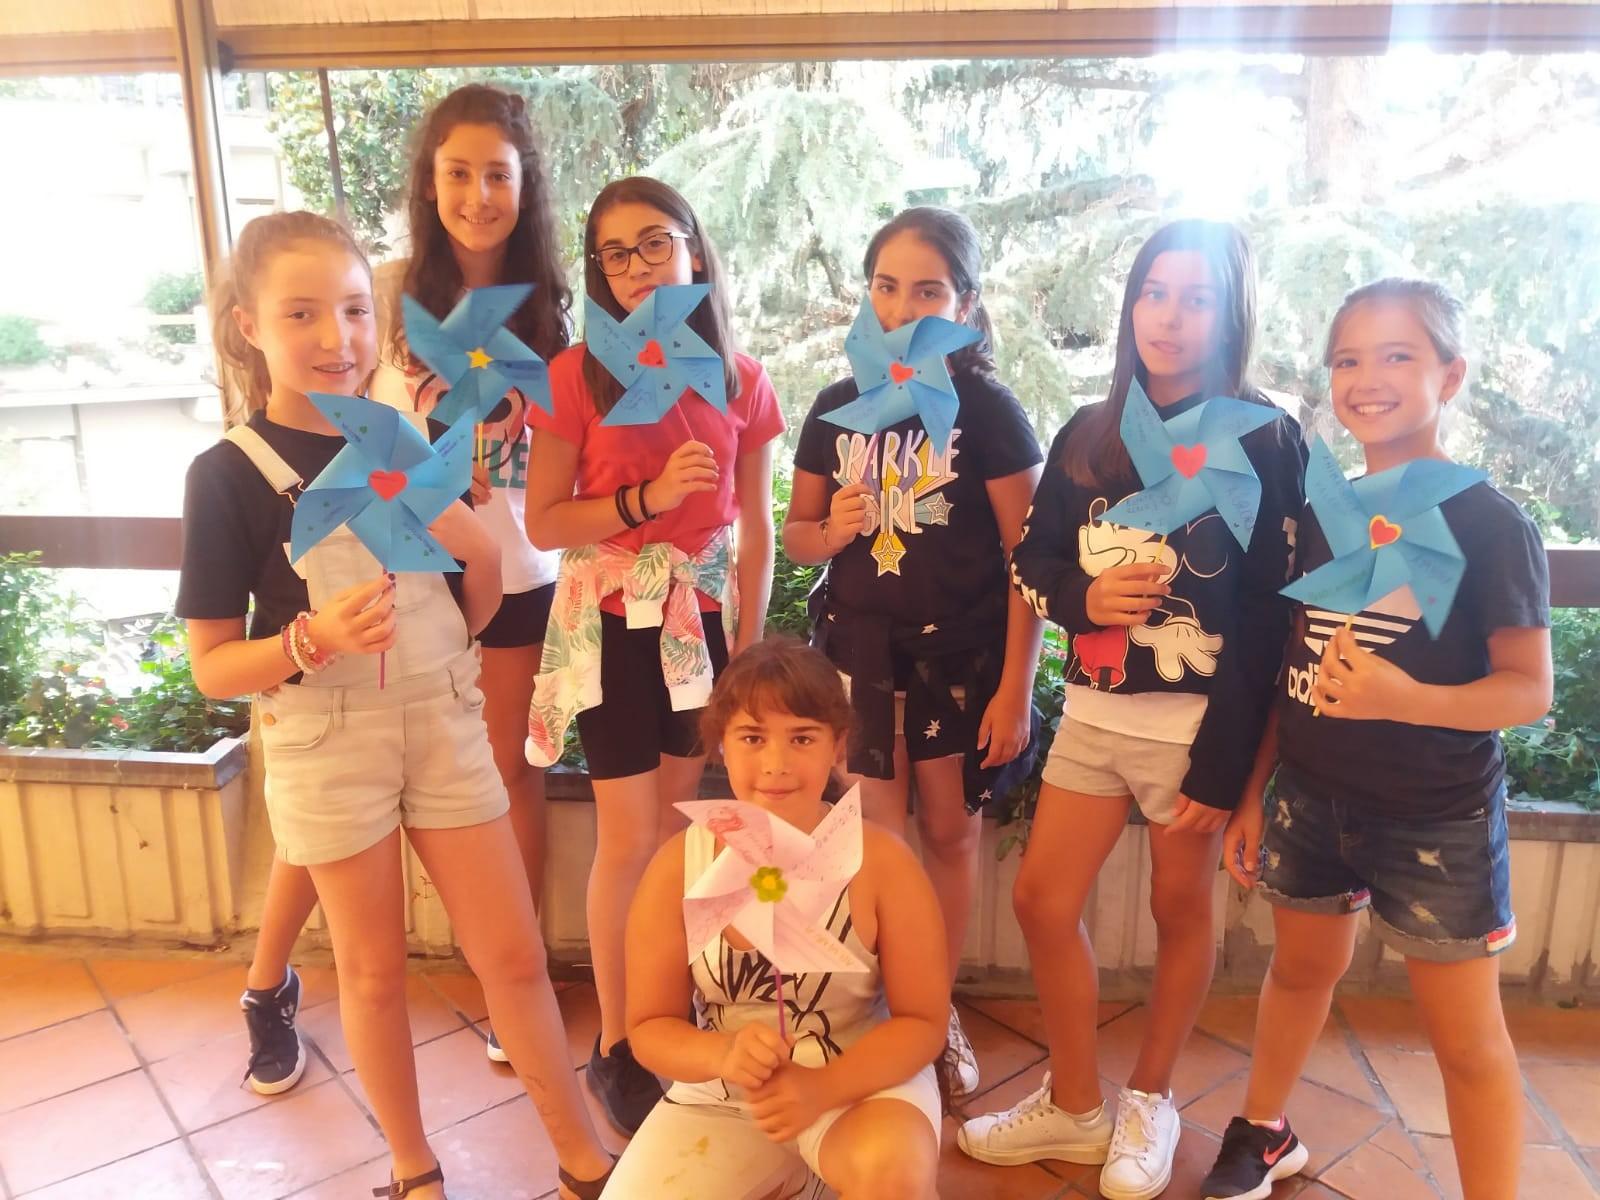 Hotel Balletti 4**** // English Camp Junior Archivi --BALLETTI-ENGLISH-CAMP-JUNIOR-PRIMO-TURNO-GIORNO-9-7